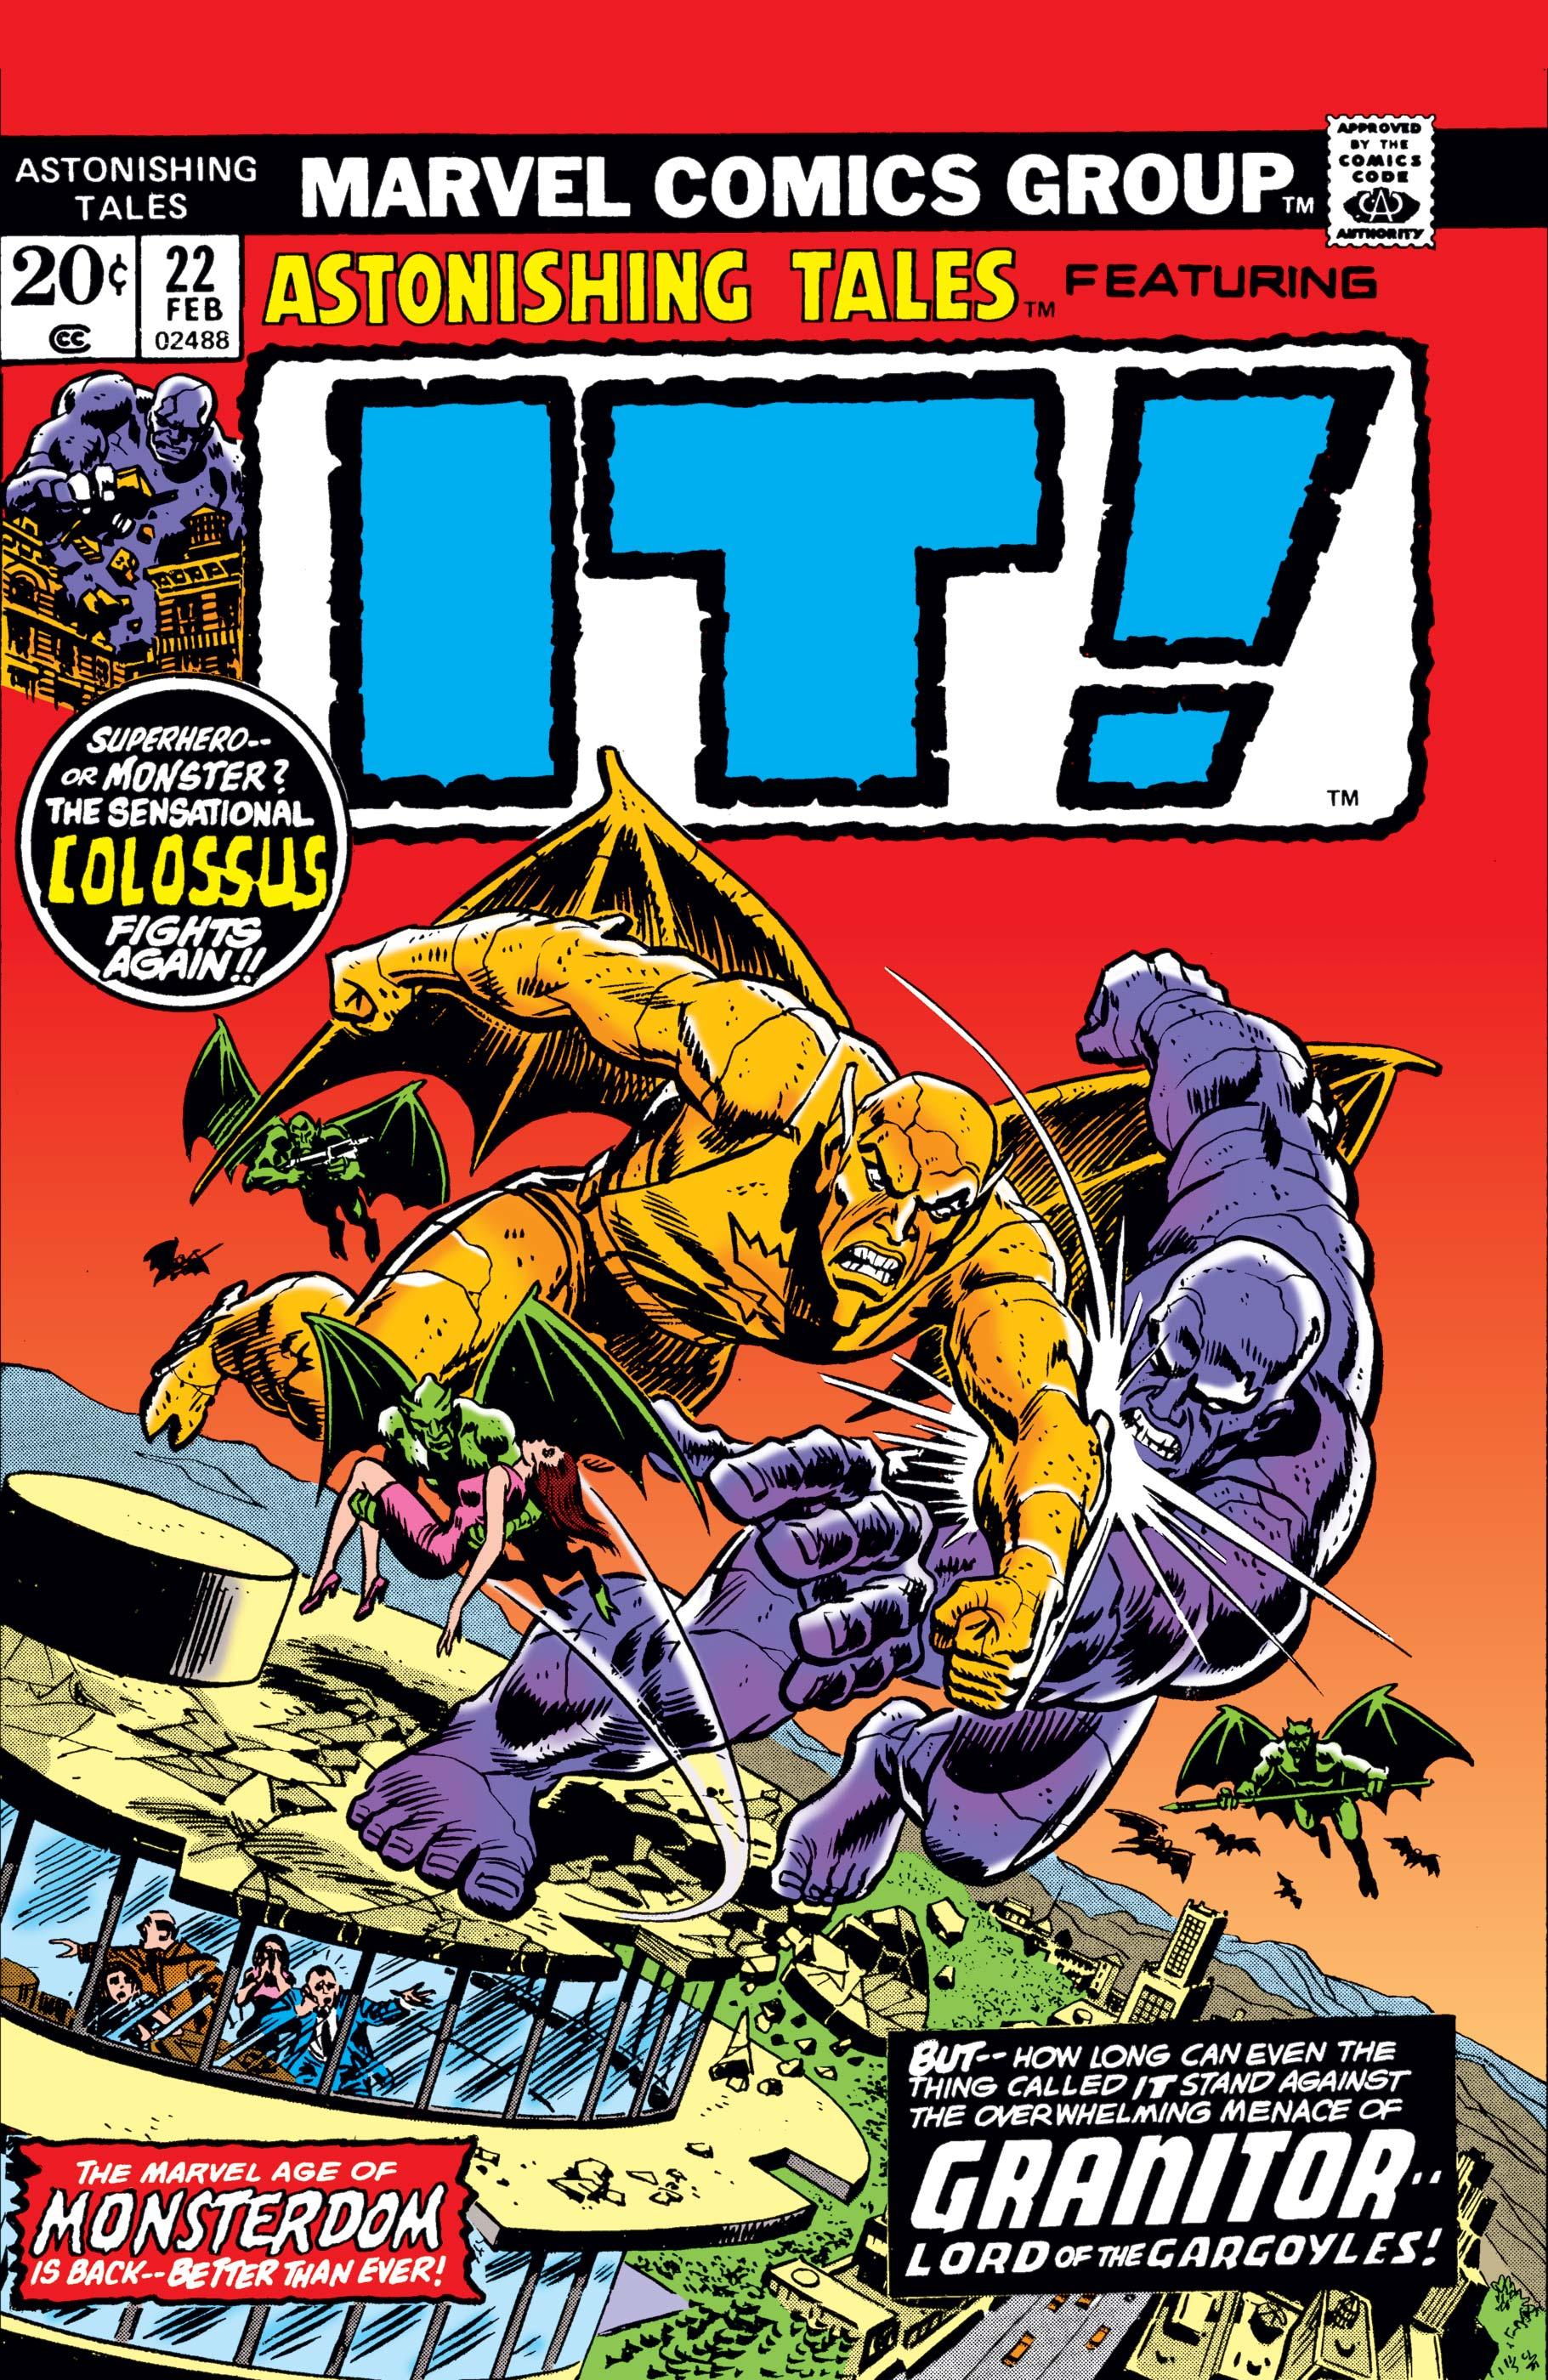 Astonishing Tales (1970) #22